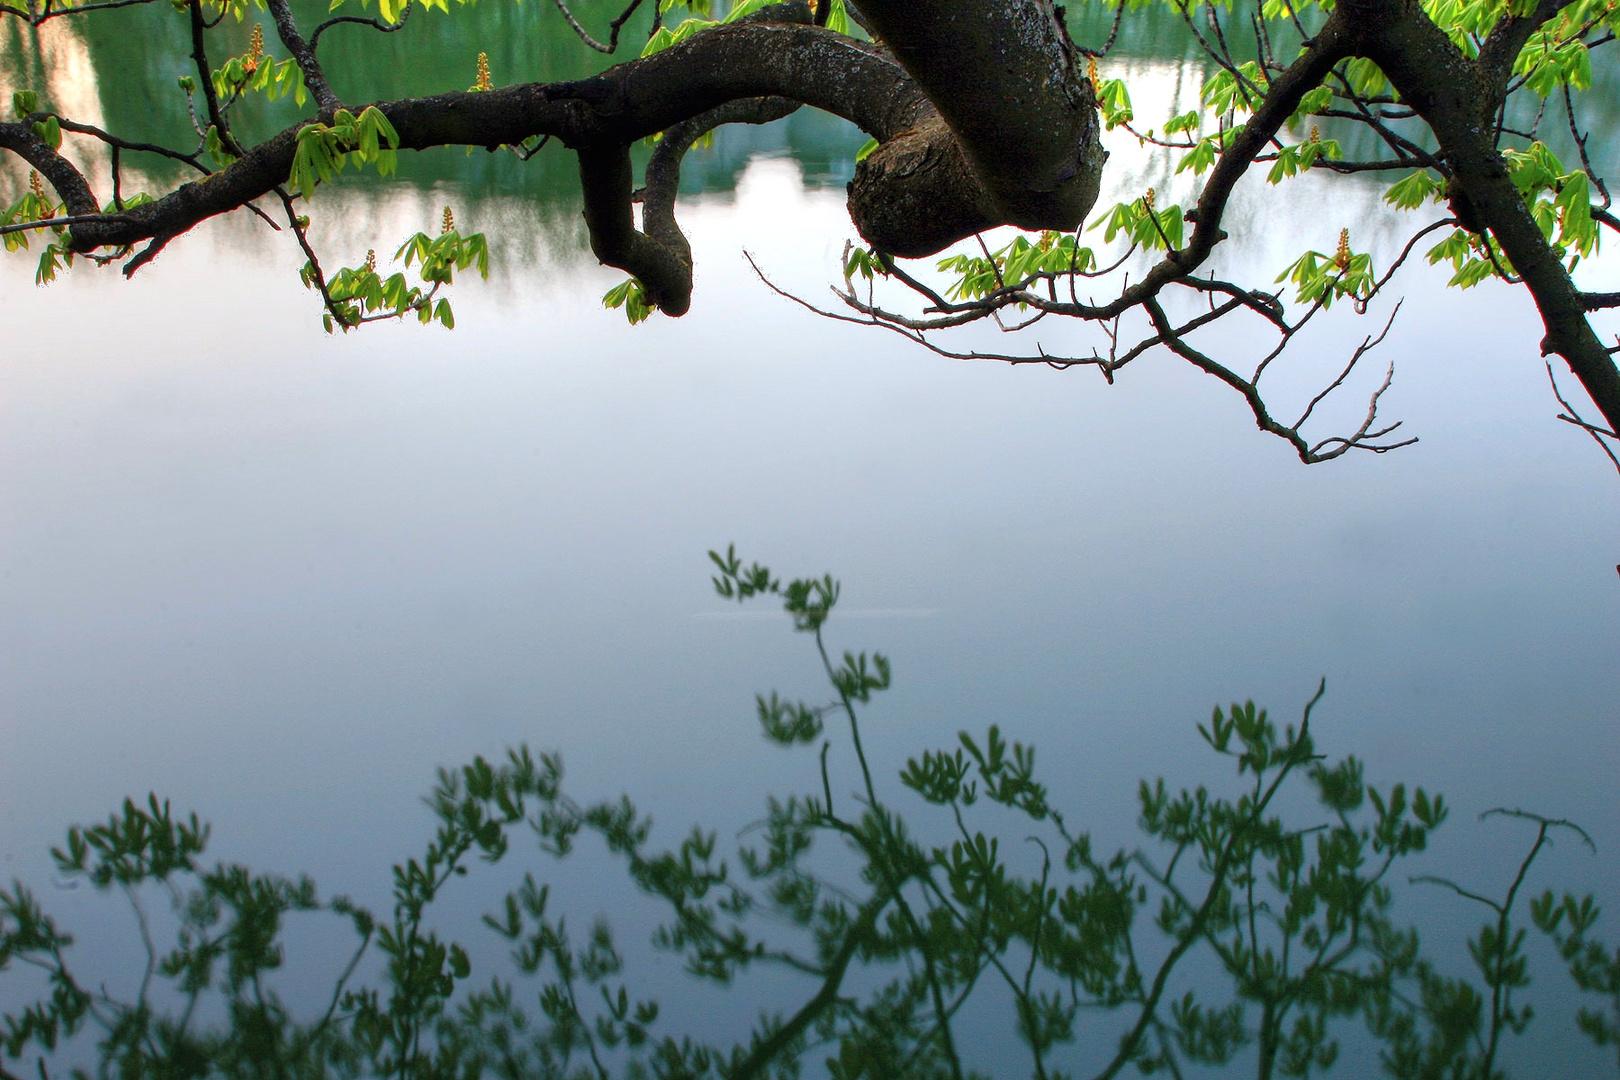 Kastanien im April spiegeln sich in der abendlichen Isar